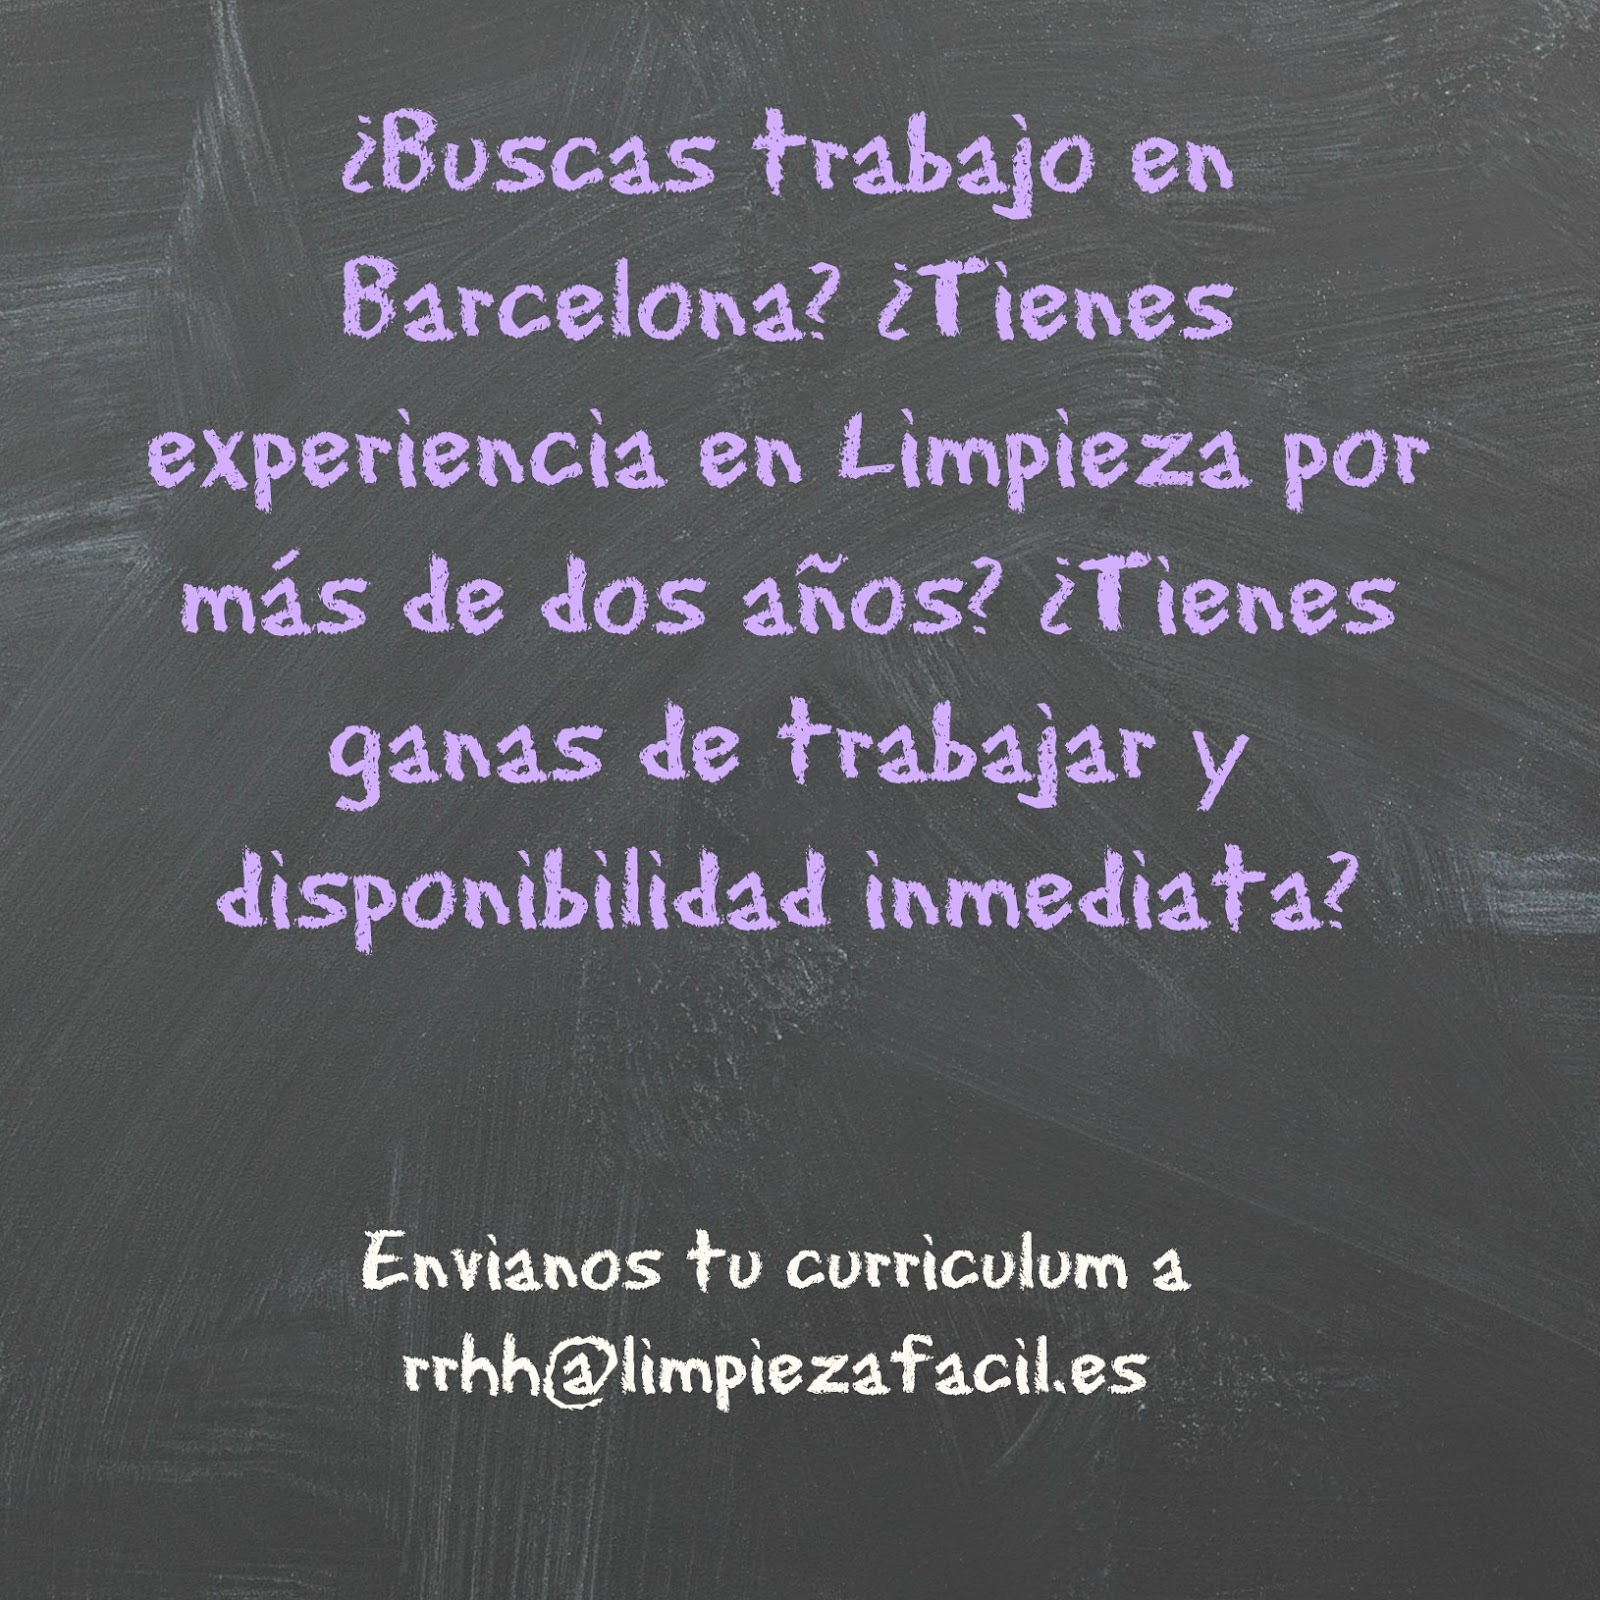 Oferta de Trabajo - Limpieza en Barcelona